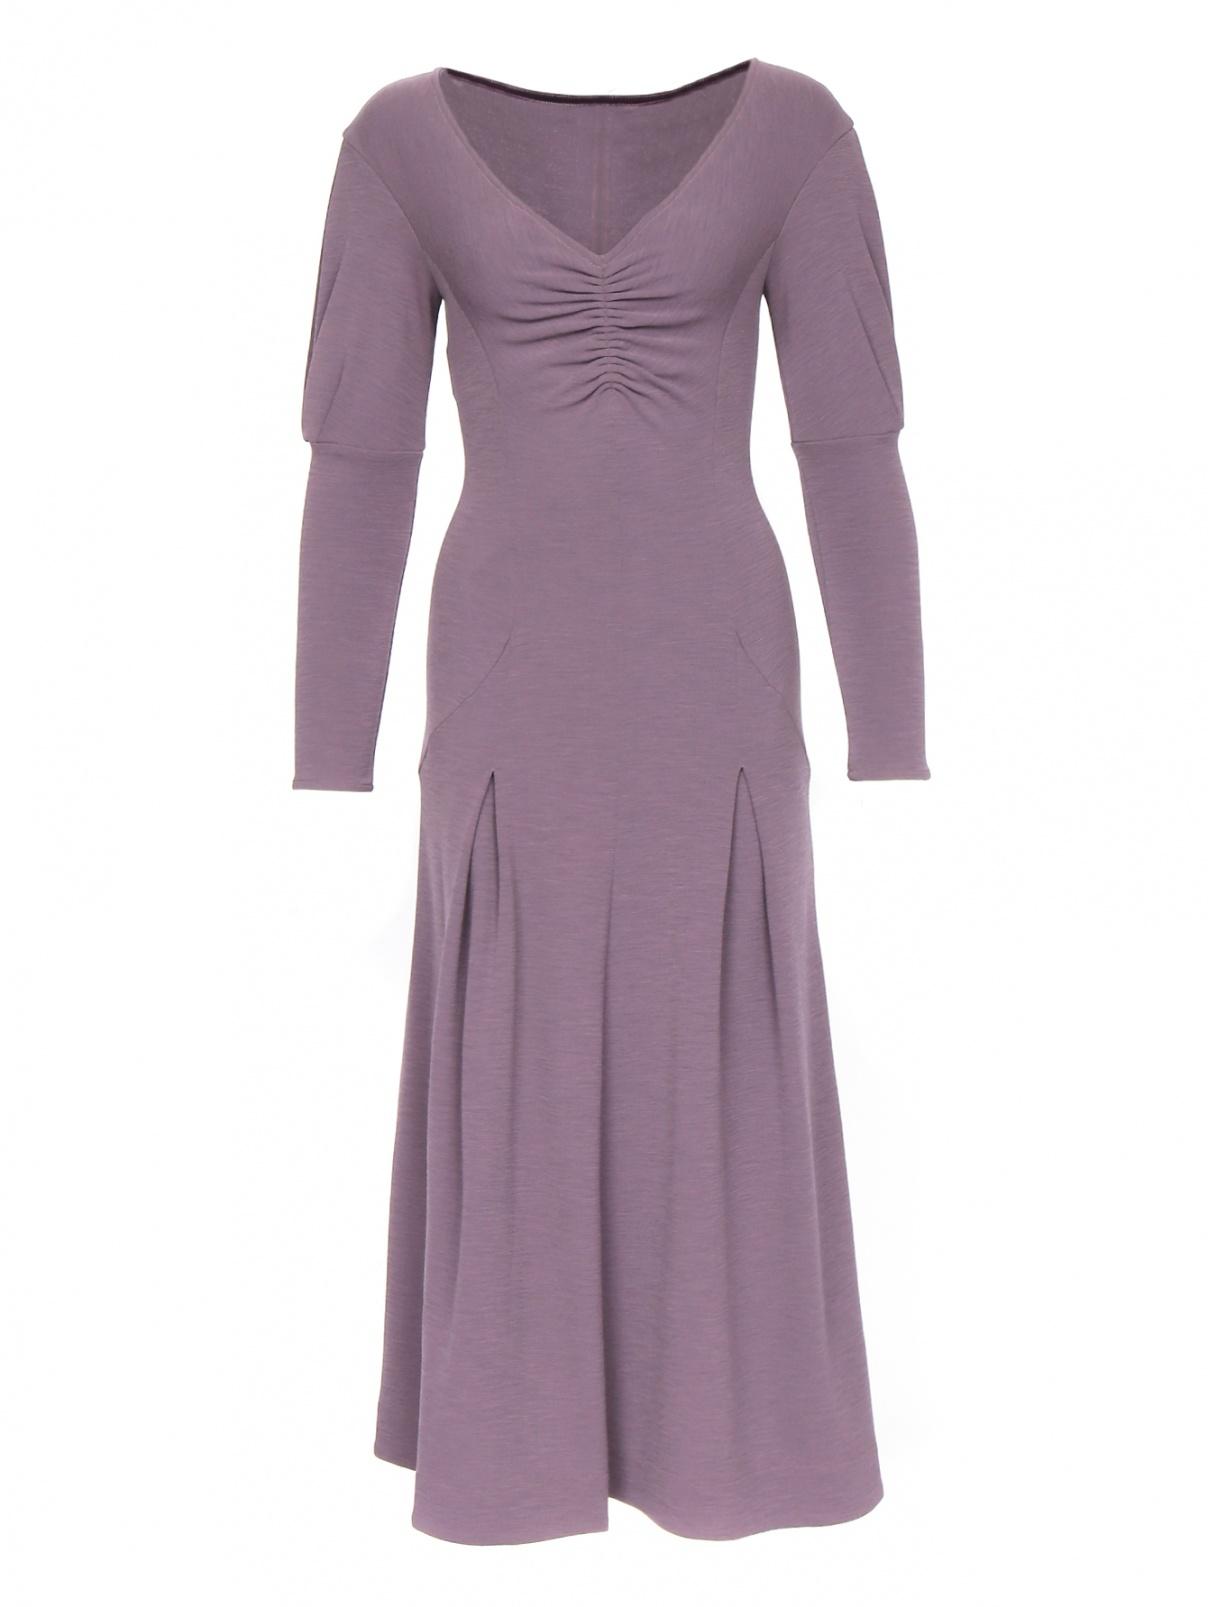 Платье-макси с длинным рукавом из шерсти Mariella Burani  –  Общий вид  – Цвет:  Фиолетовый